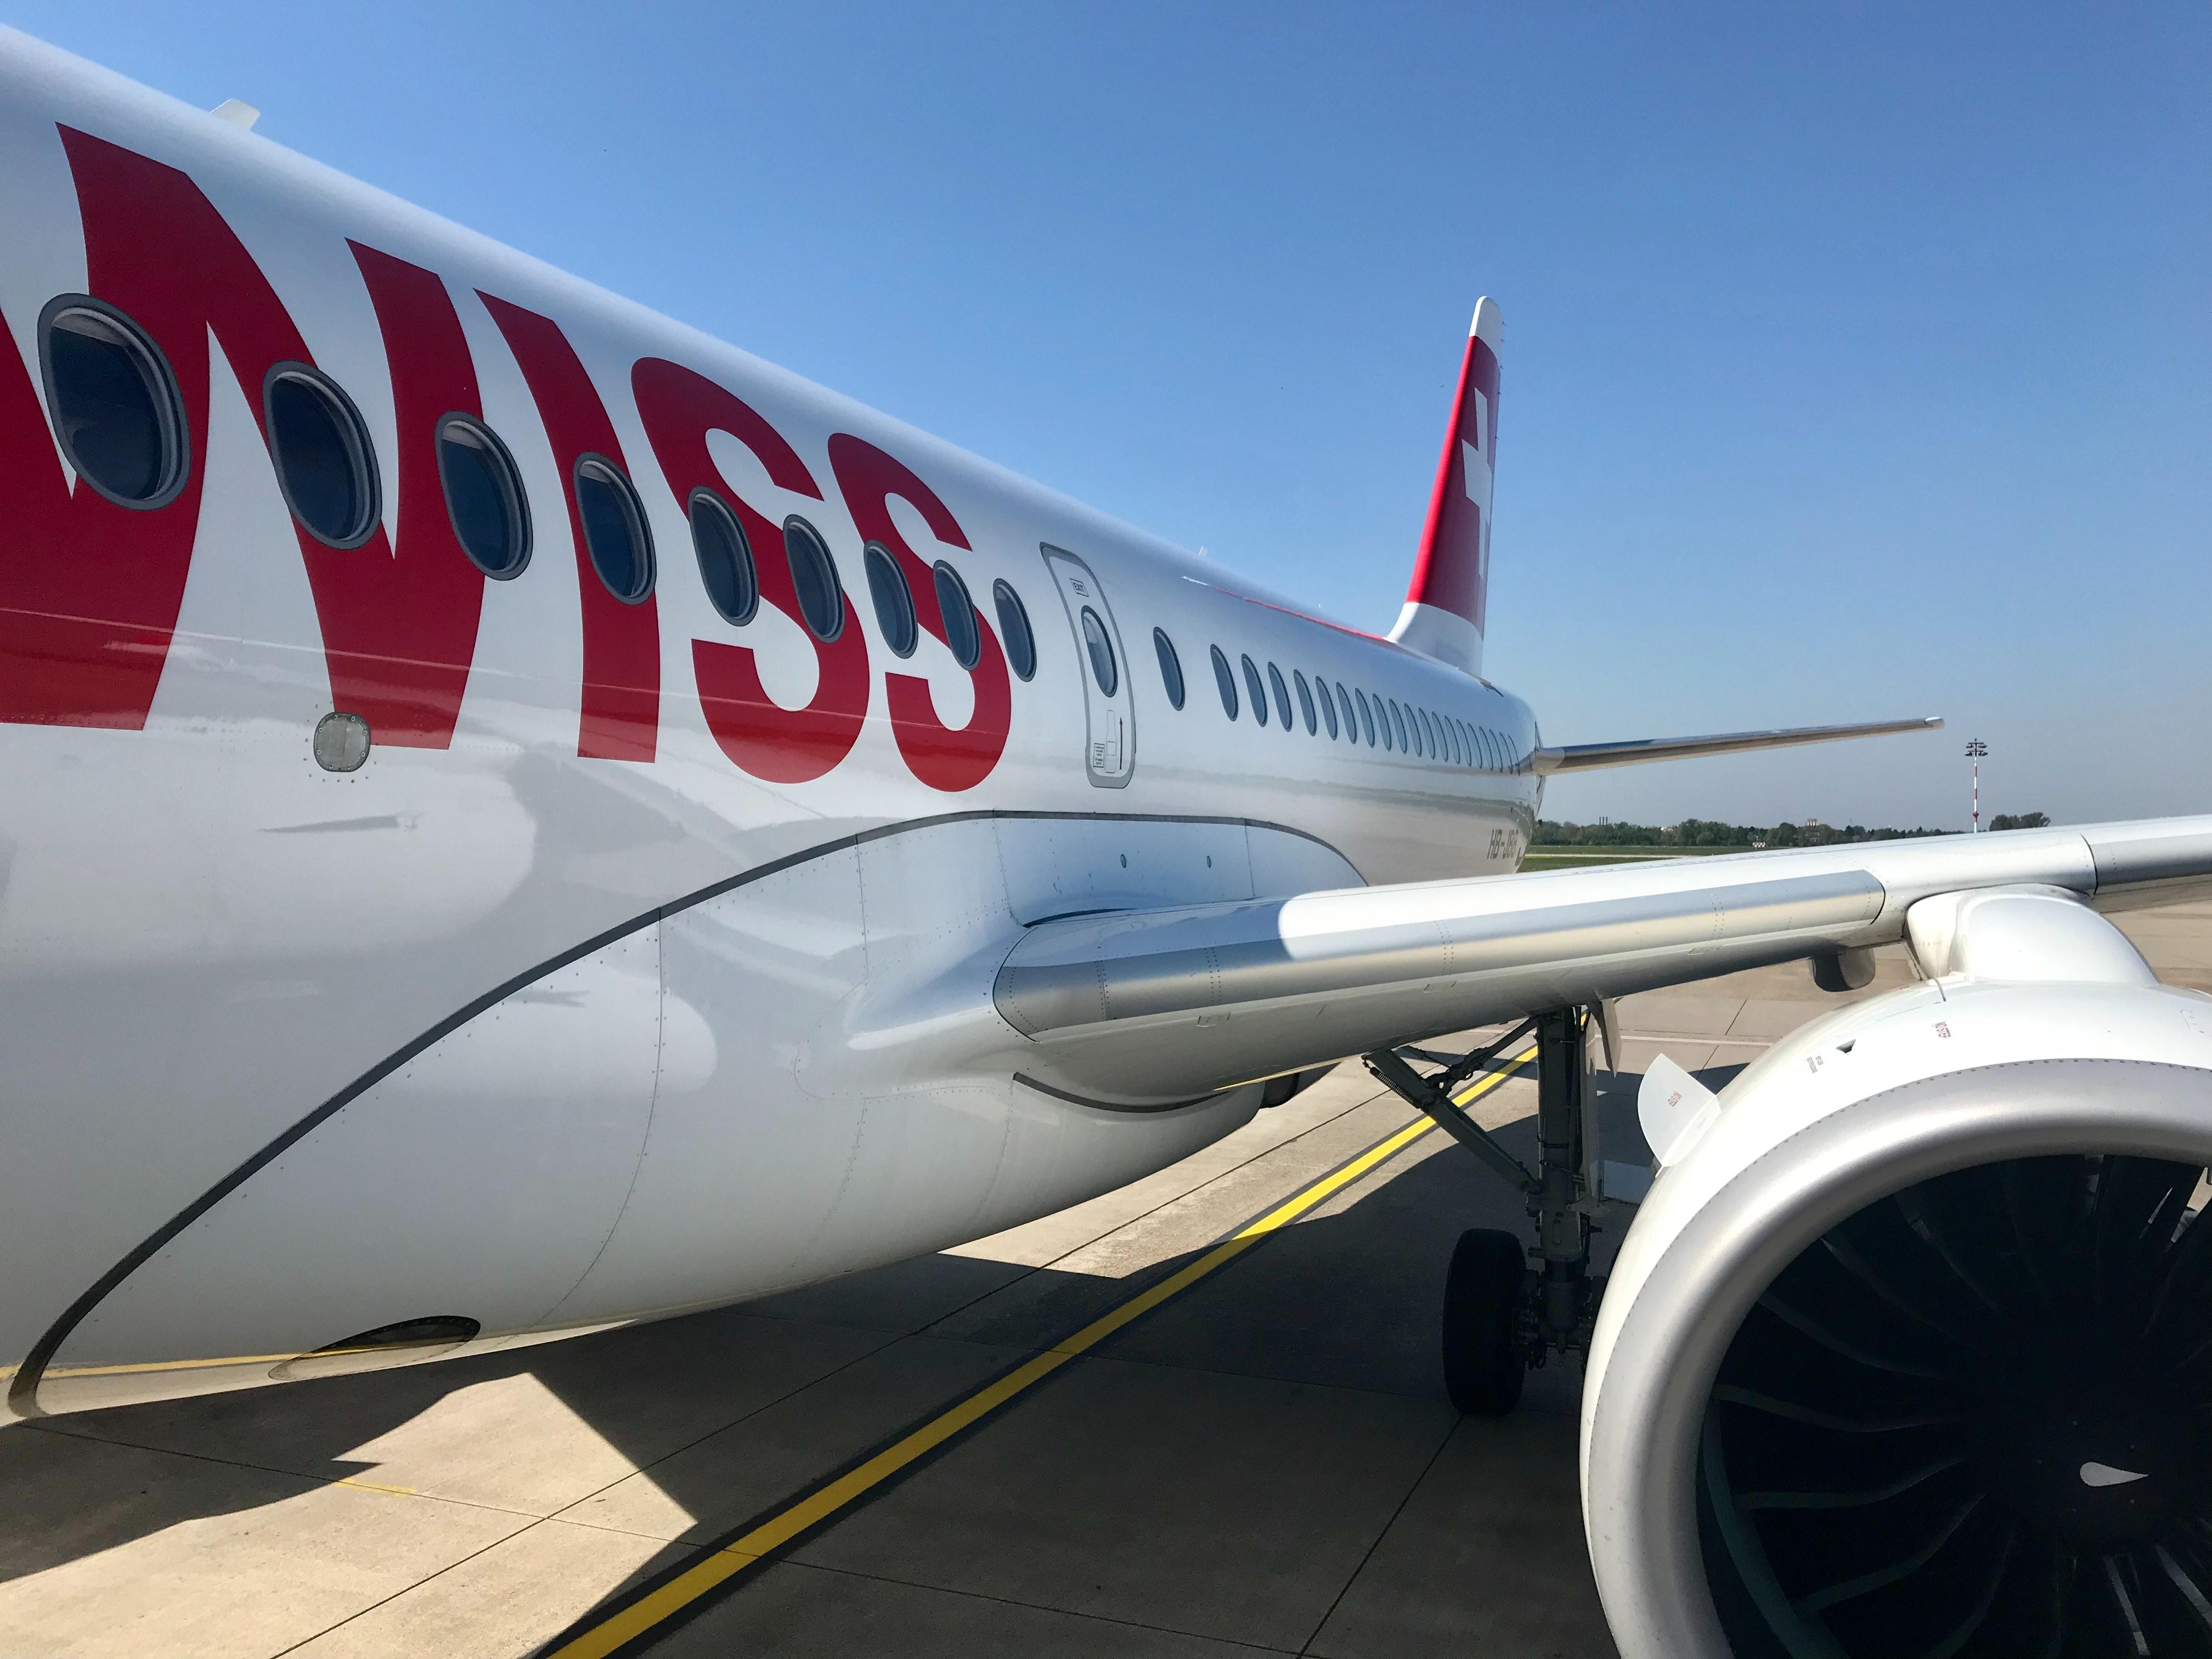 swiss plane at Zurich airport